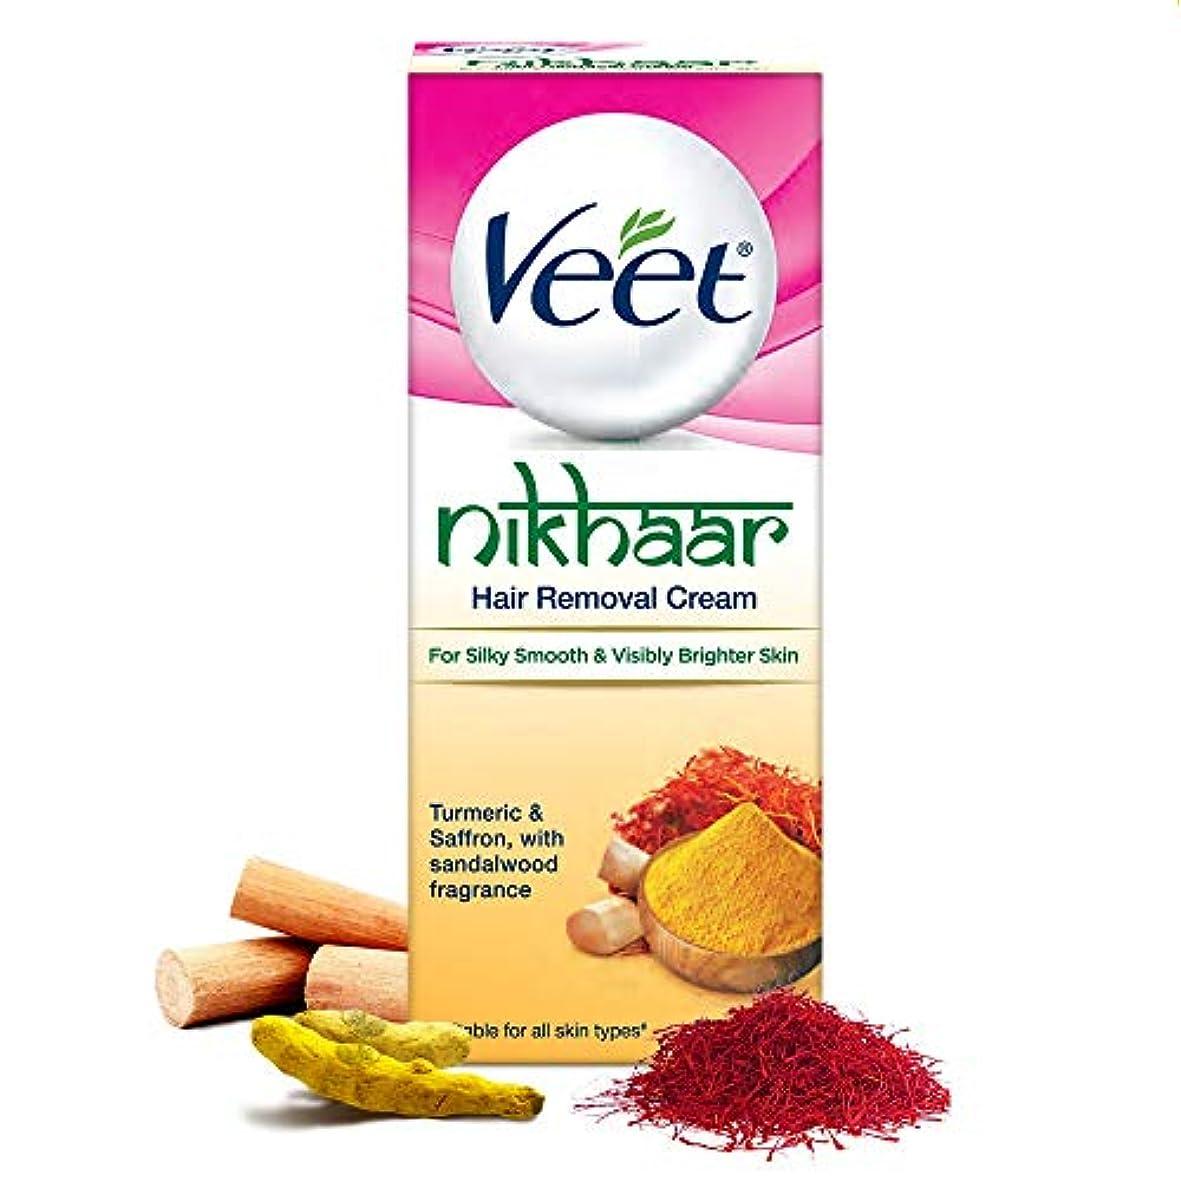 ロデオ無限大ユーモアVeet Nikhaar Hair Removal Cream for All Skin Types, 50g - India